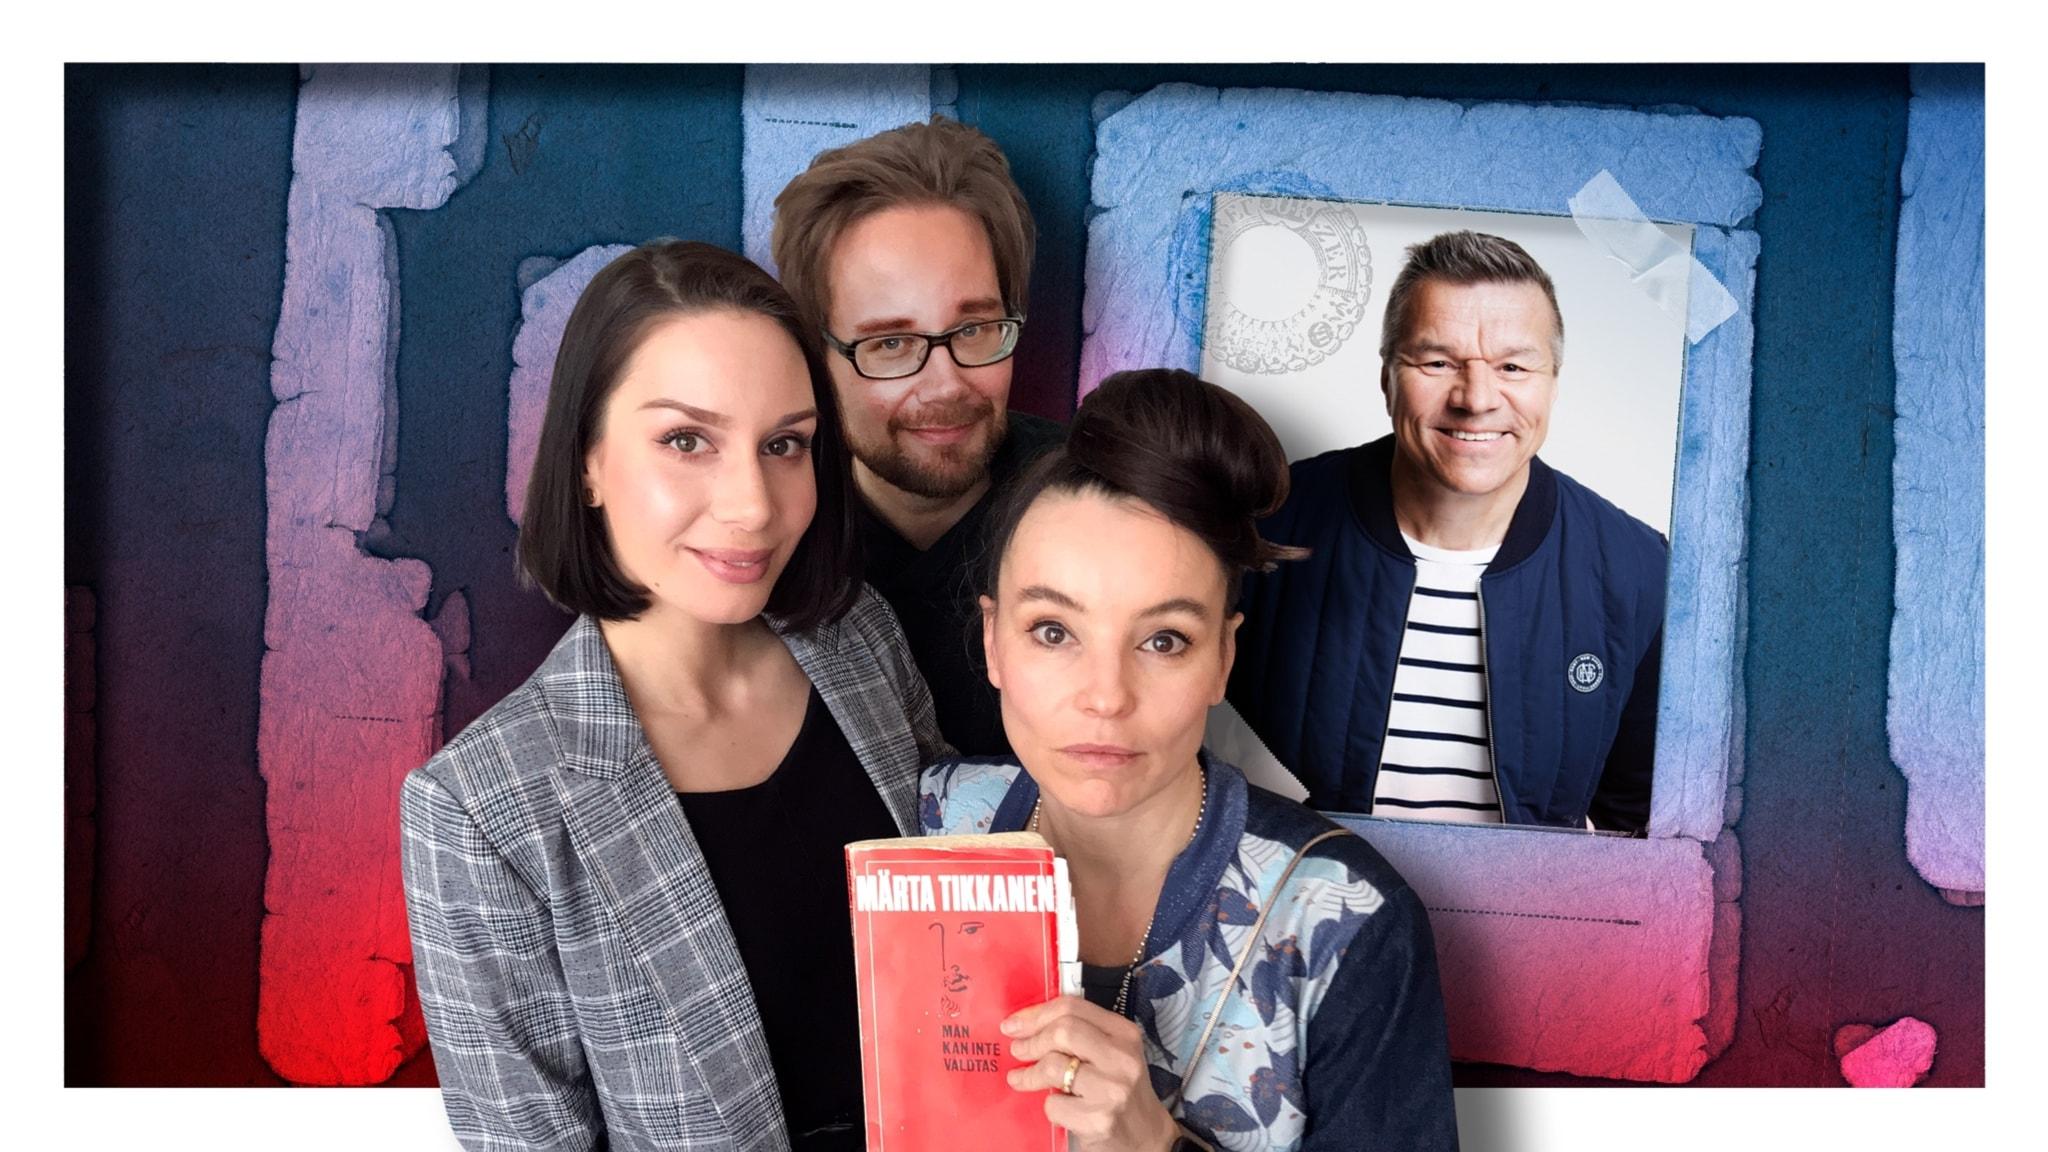 Jarmo Mäkinen struntar i sin ålder och Lo Kauppi regisserar pjäsen Män kan inte våldtas